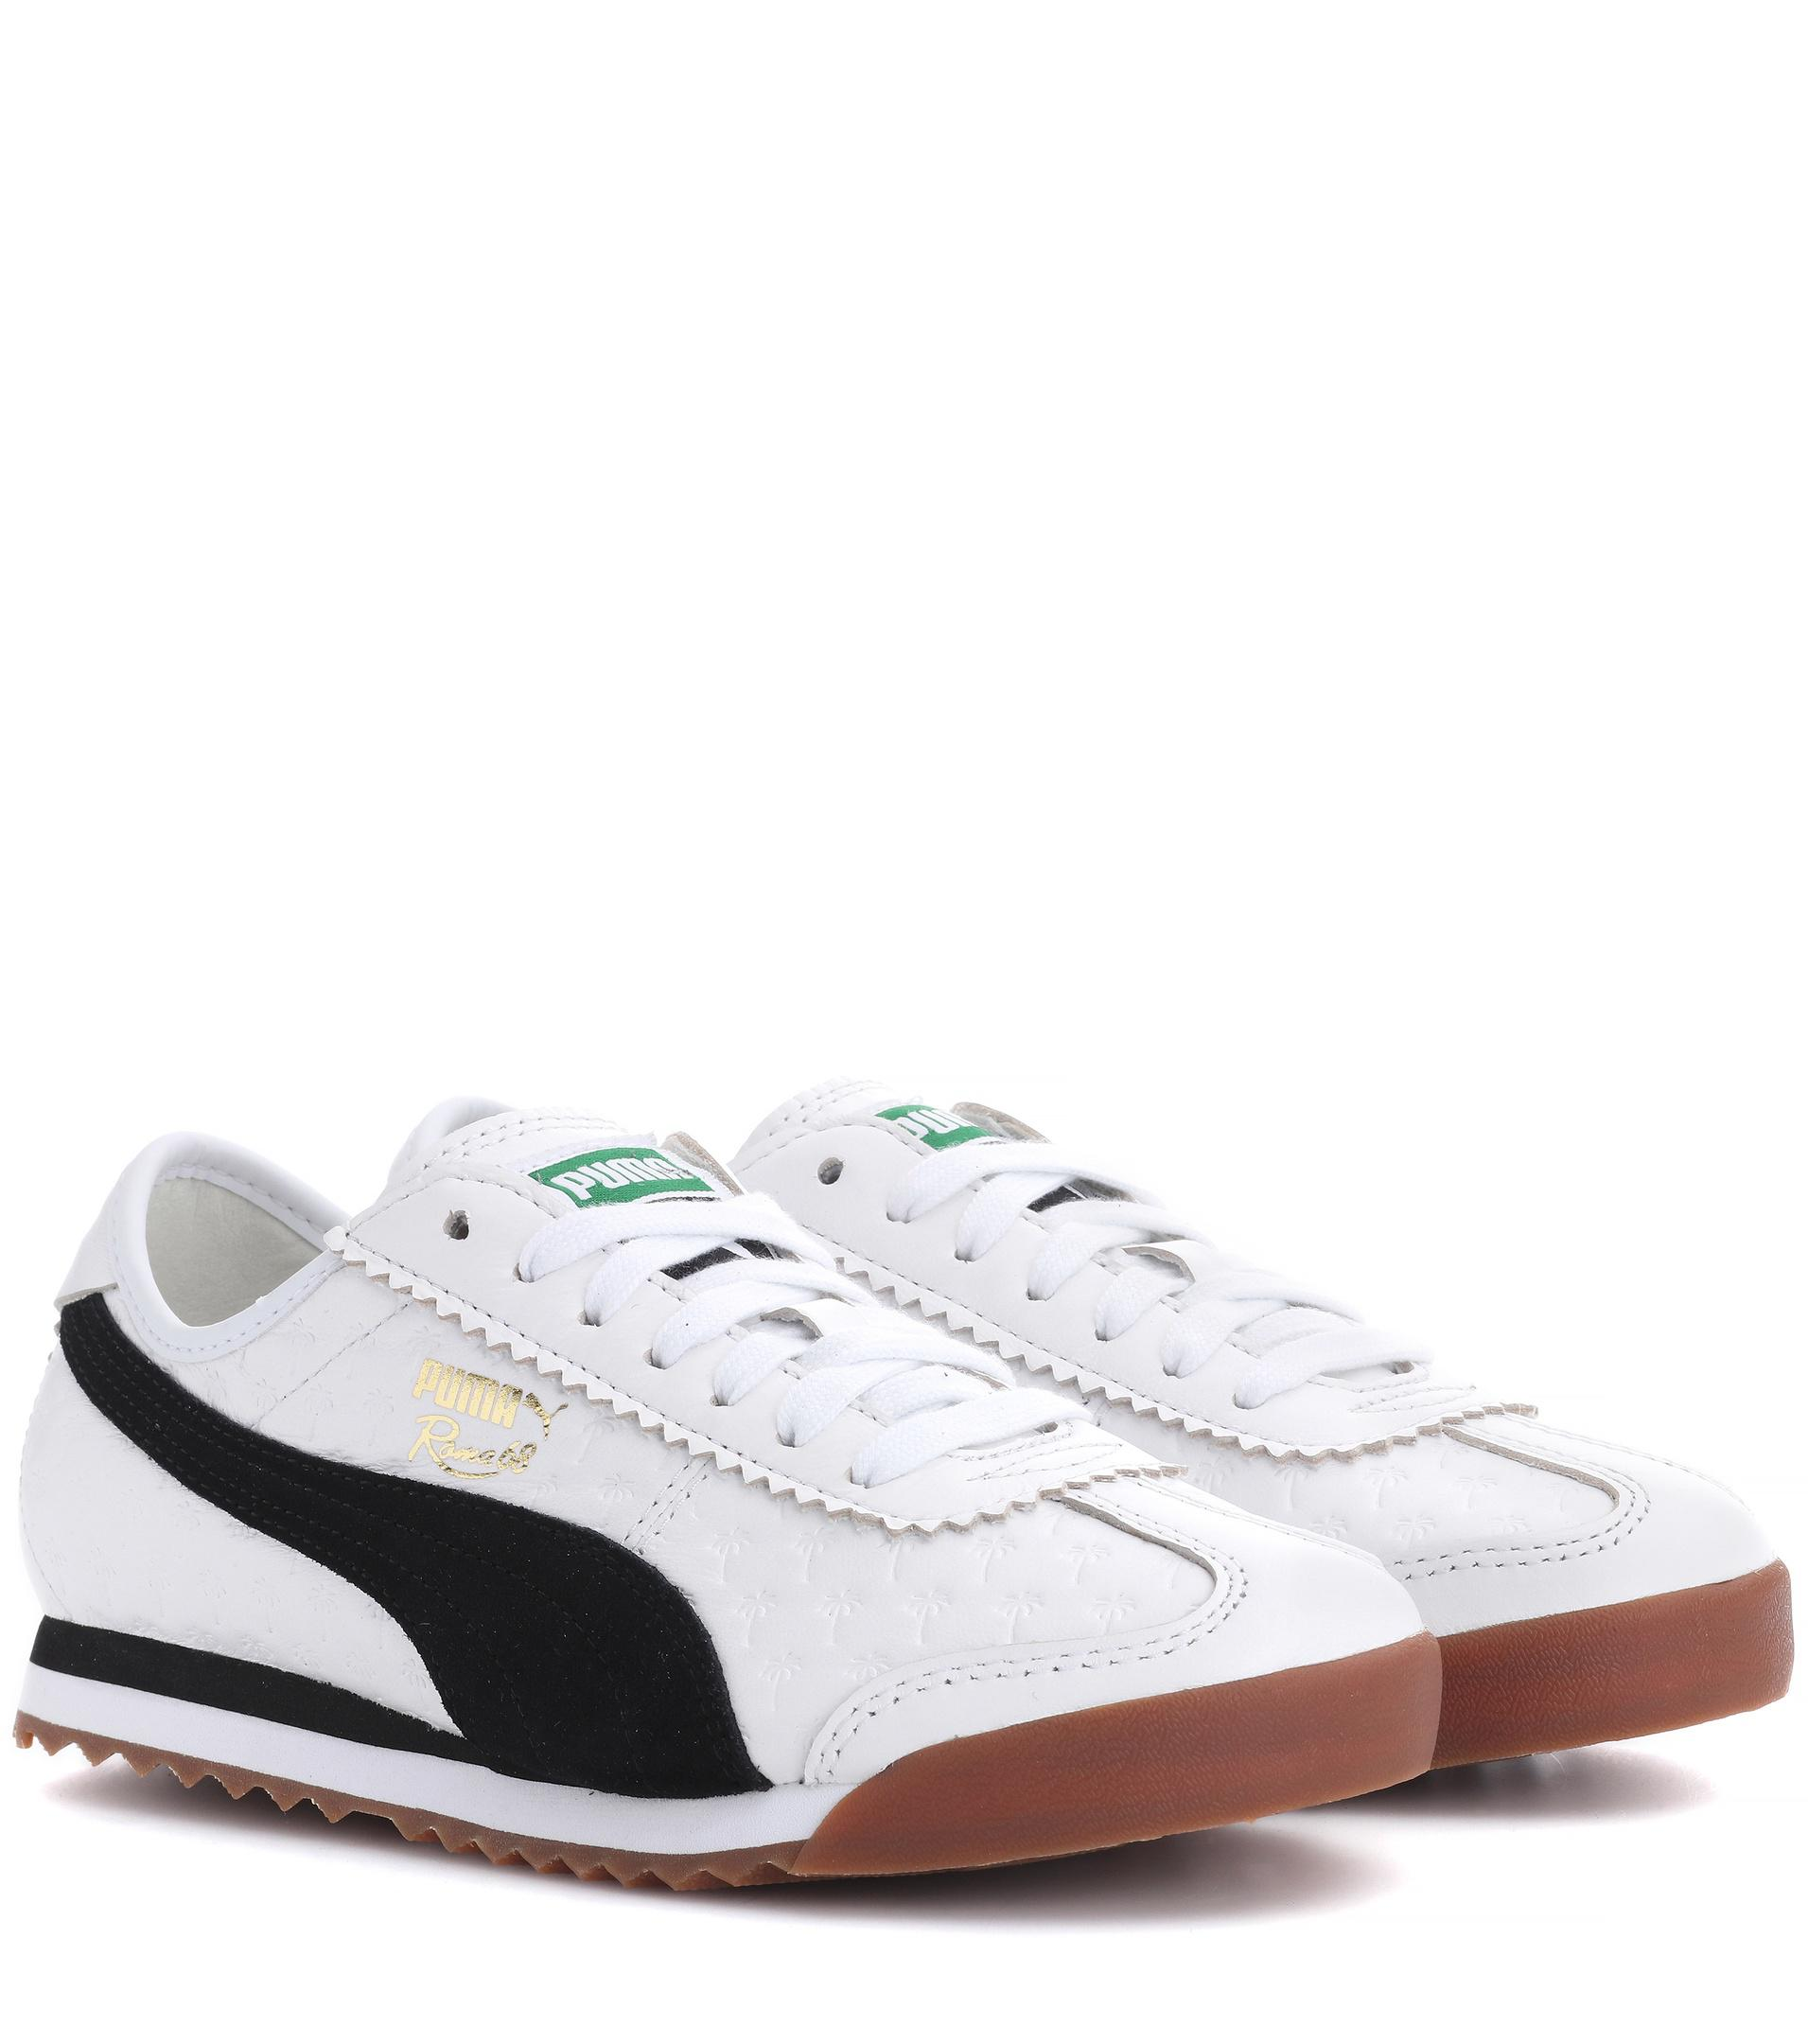 FOOTWEAR - Low-tops & sneakers Tomas Maier XcFpE1M